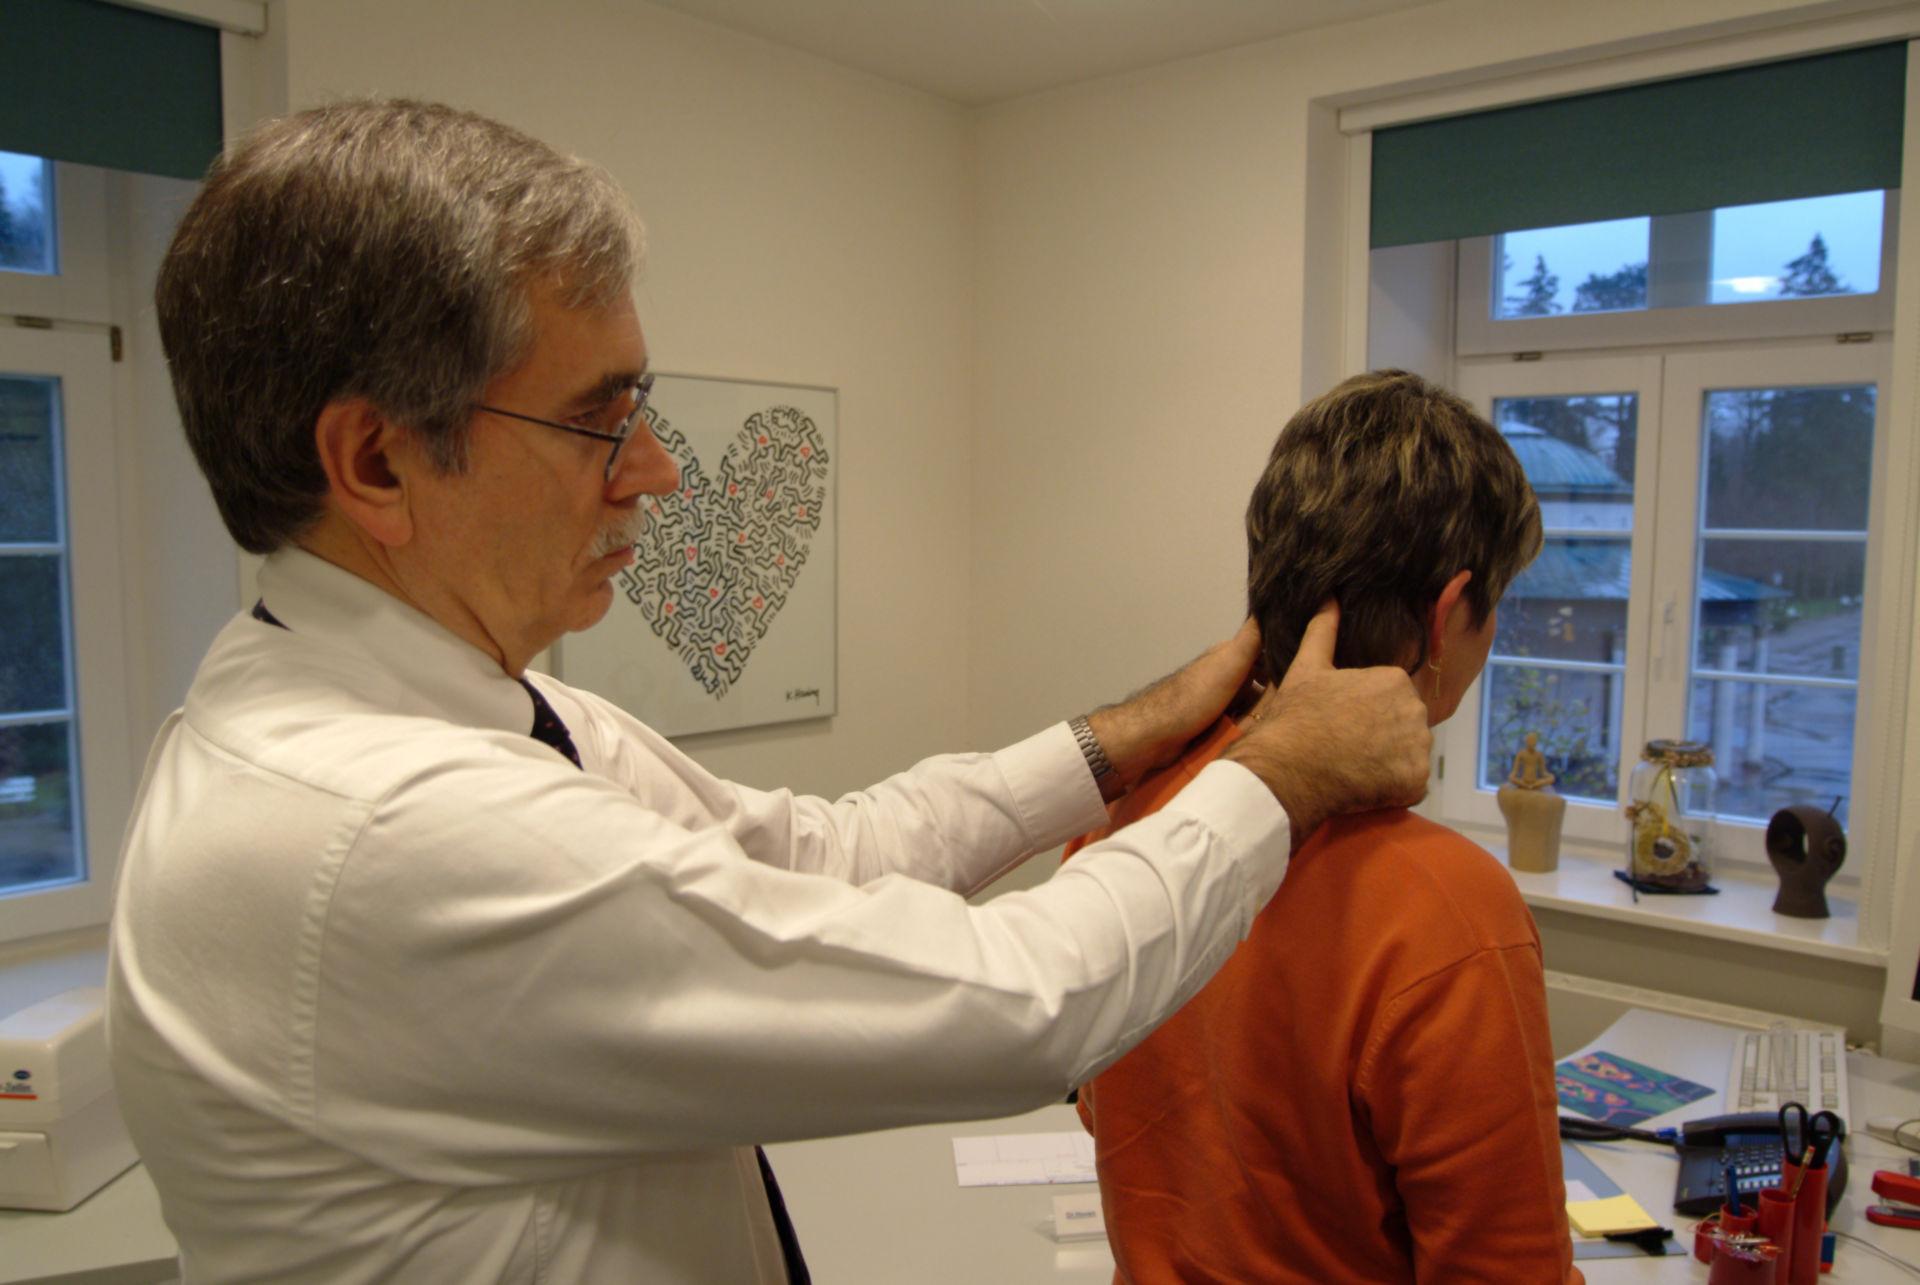 Patientin mit Fibromyalgie-Schmerzen